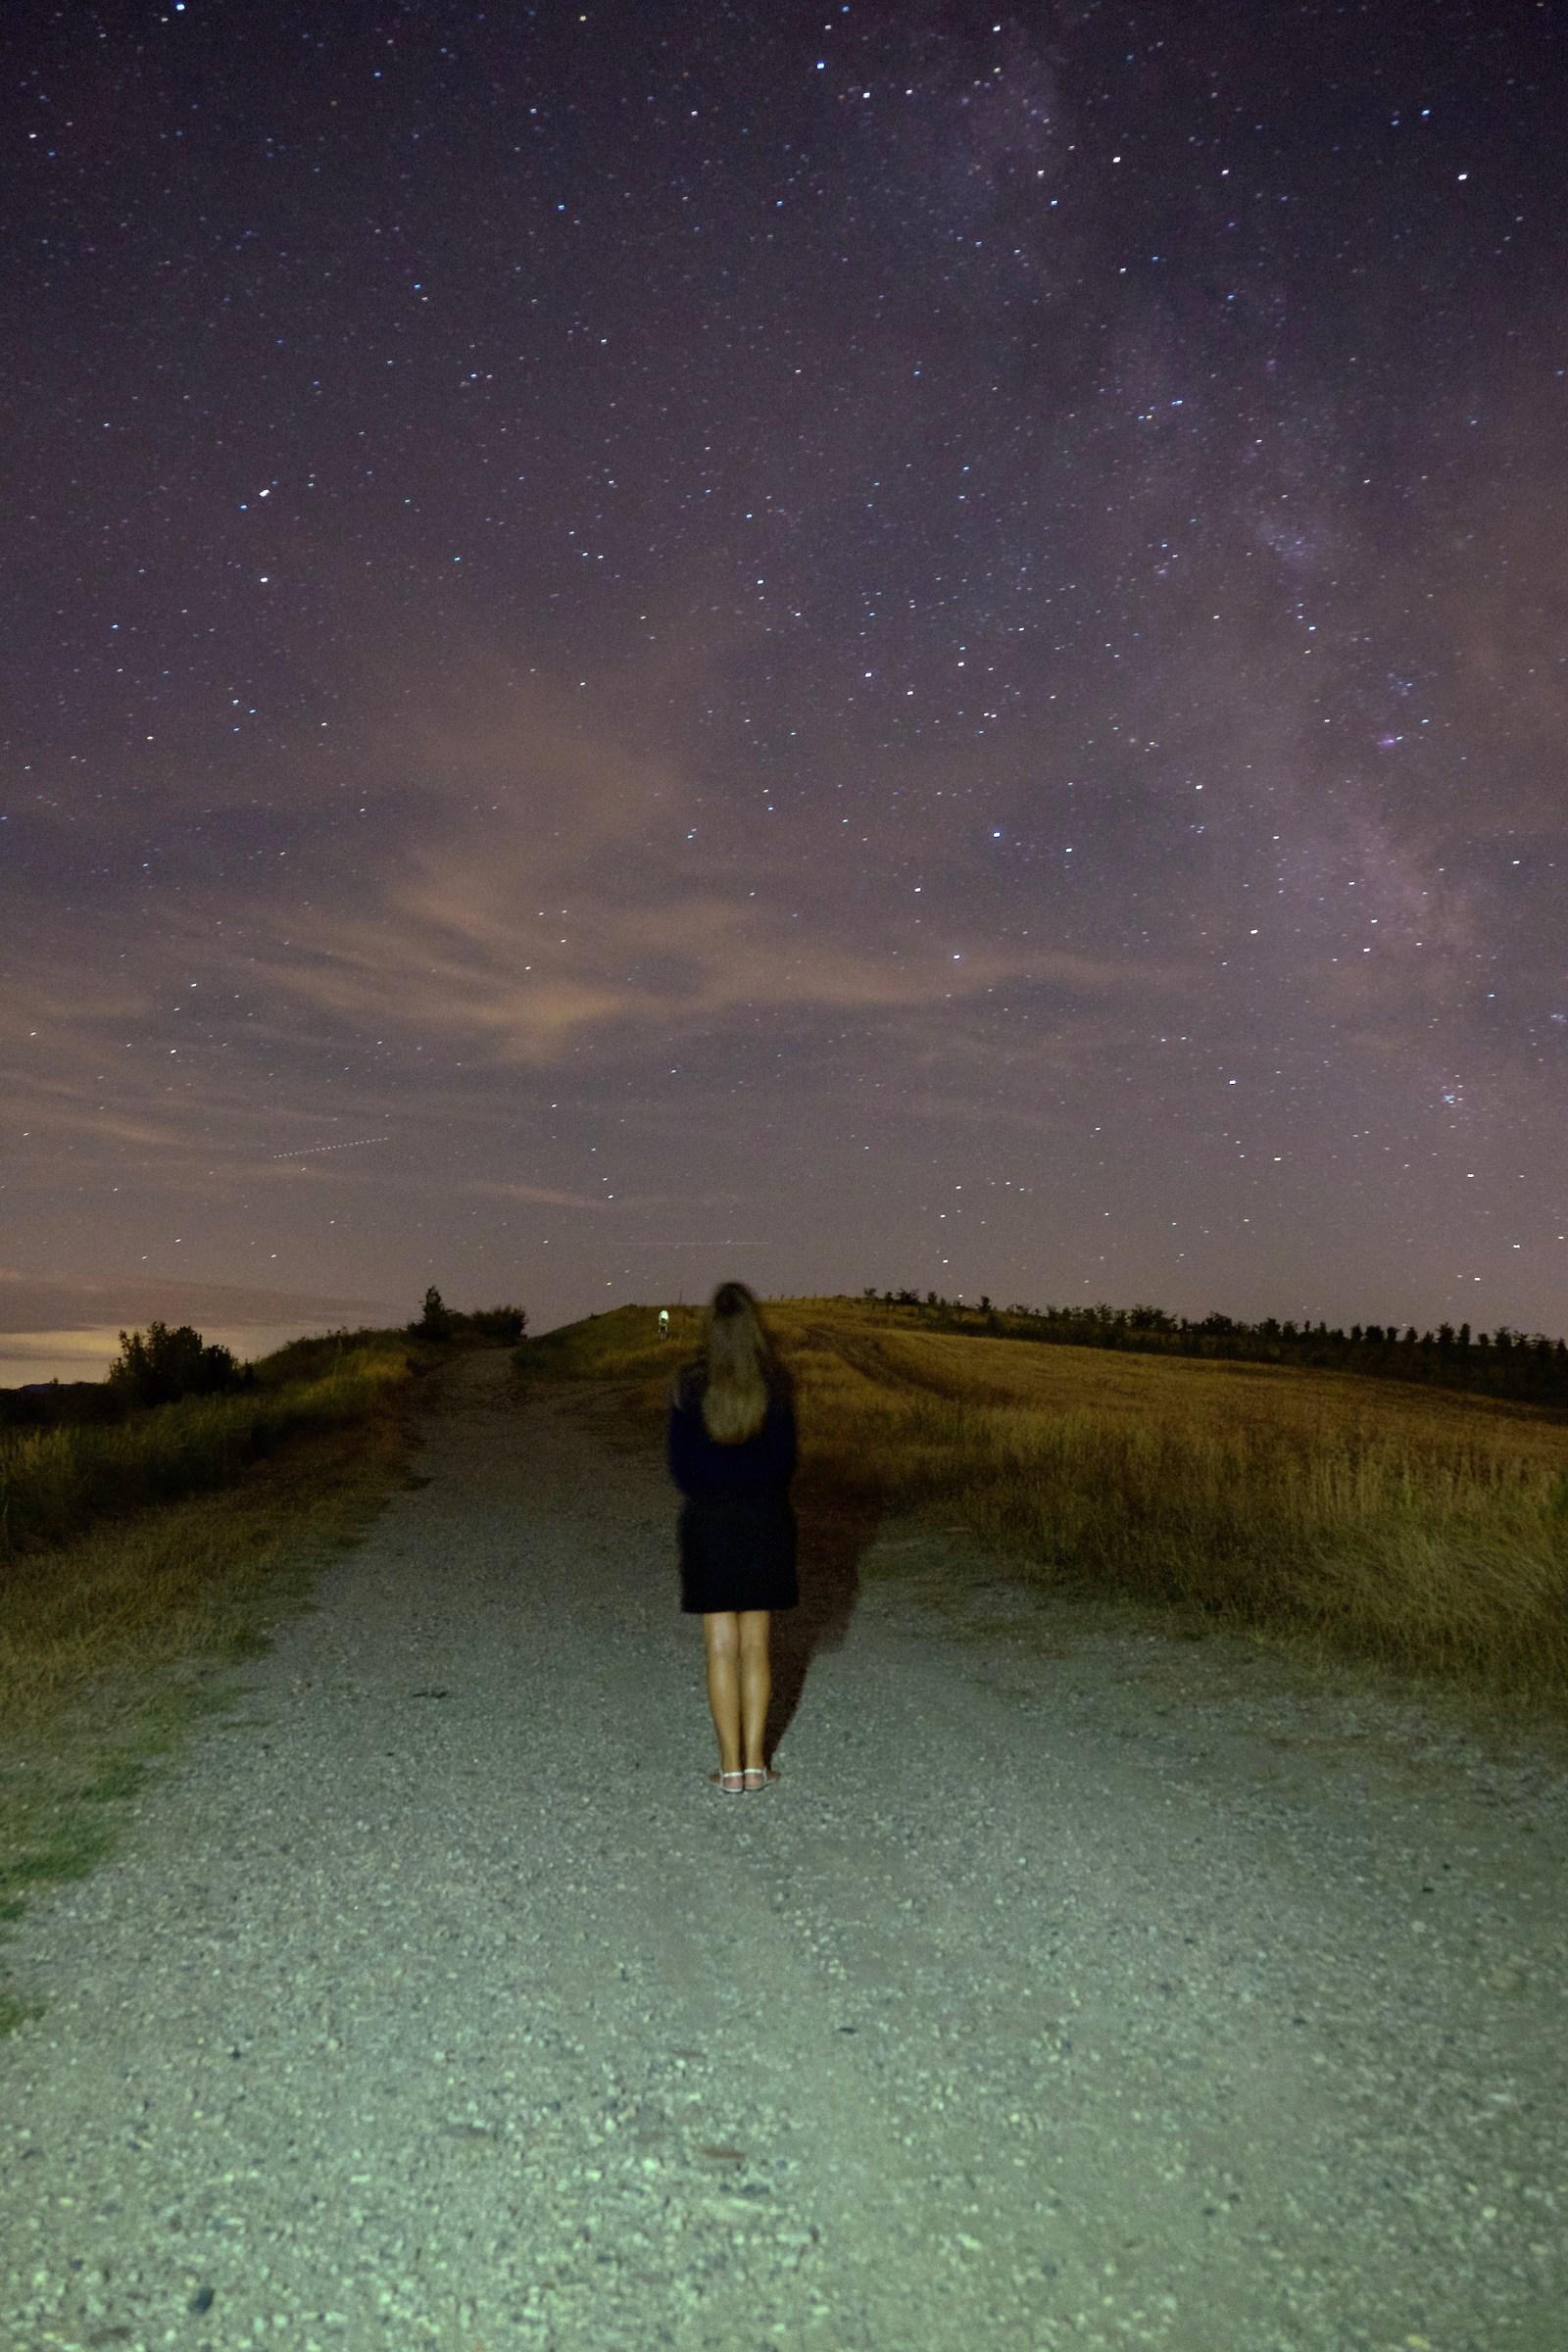 Walk among the stars...